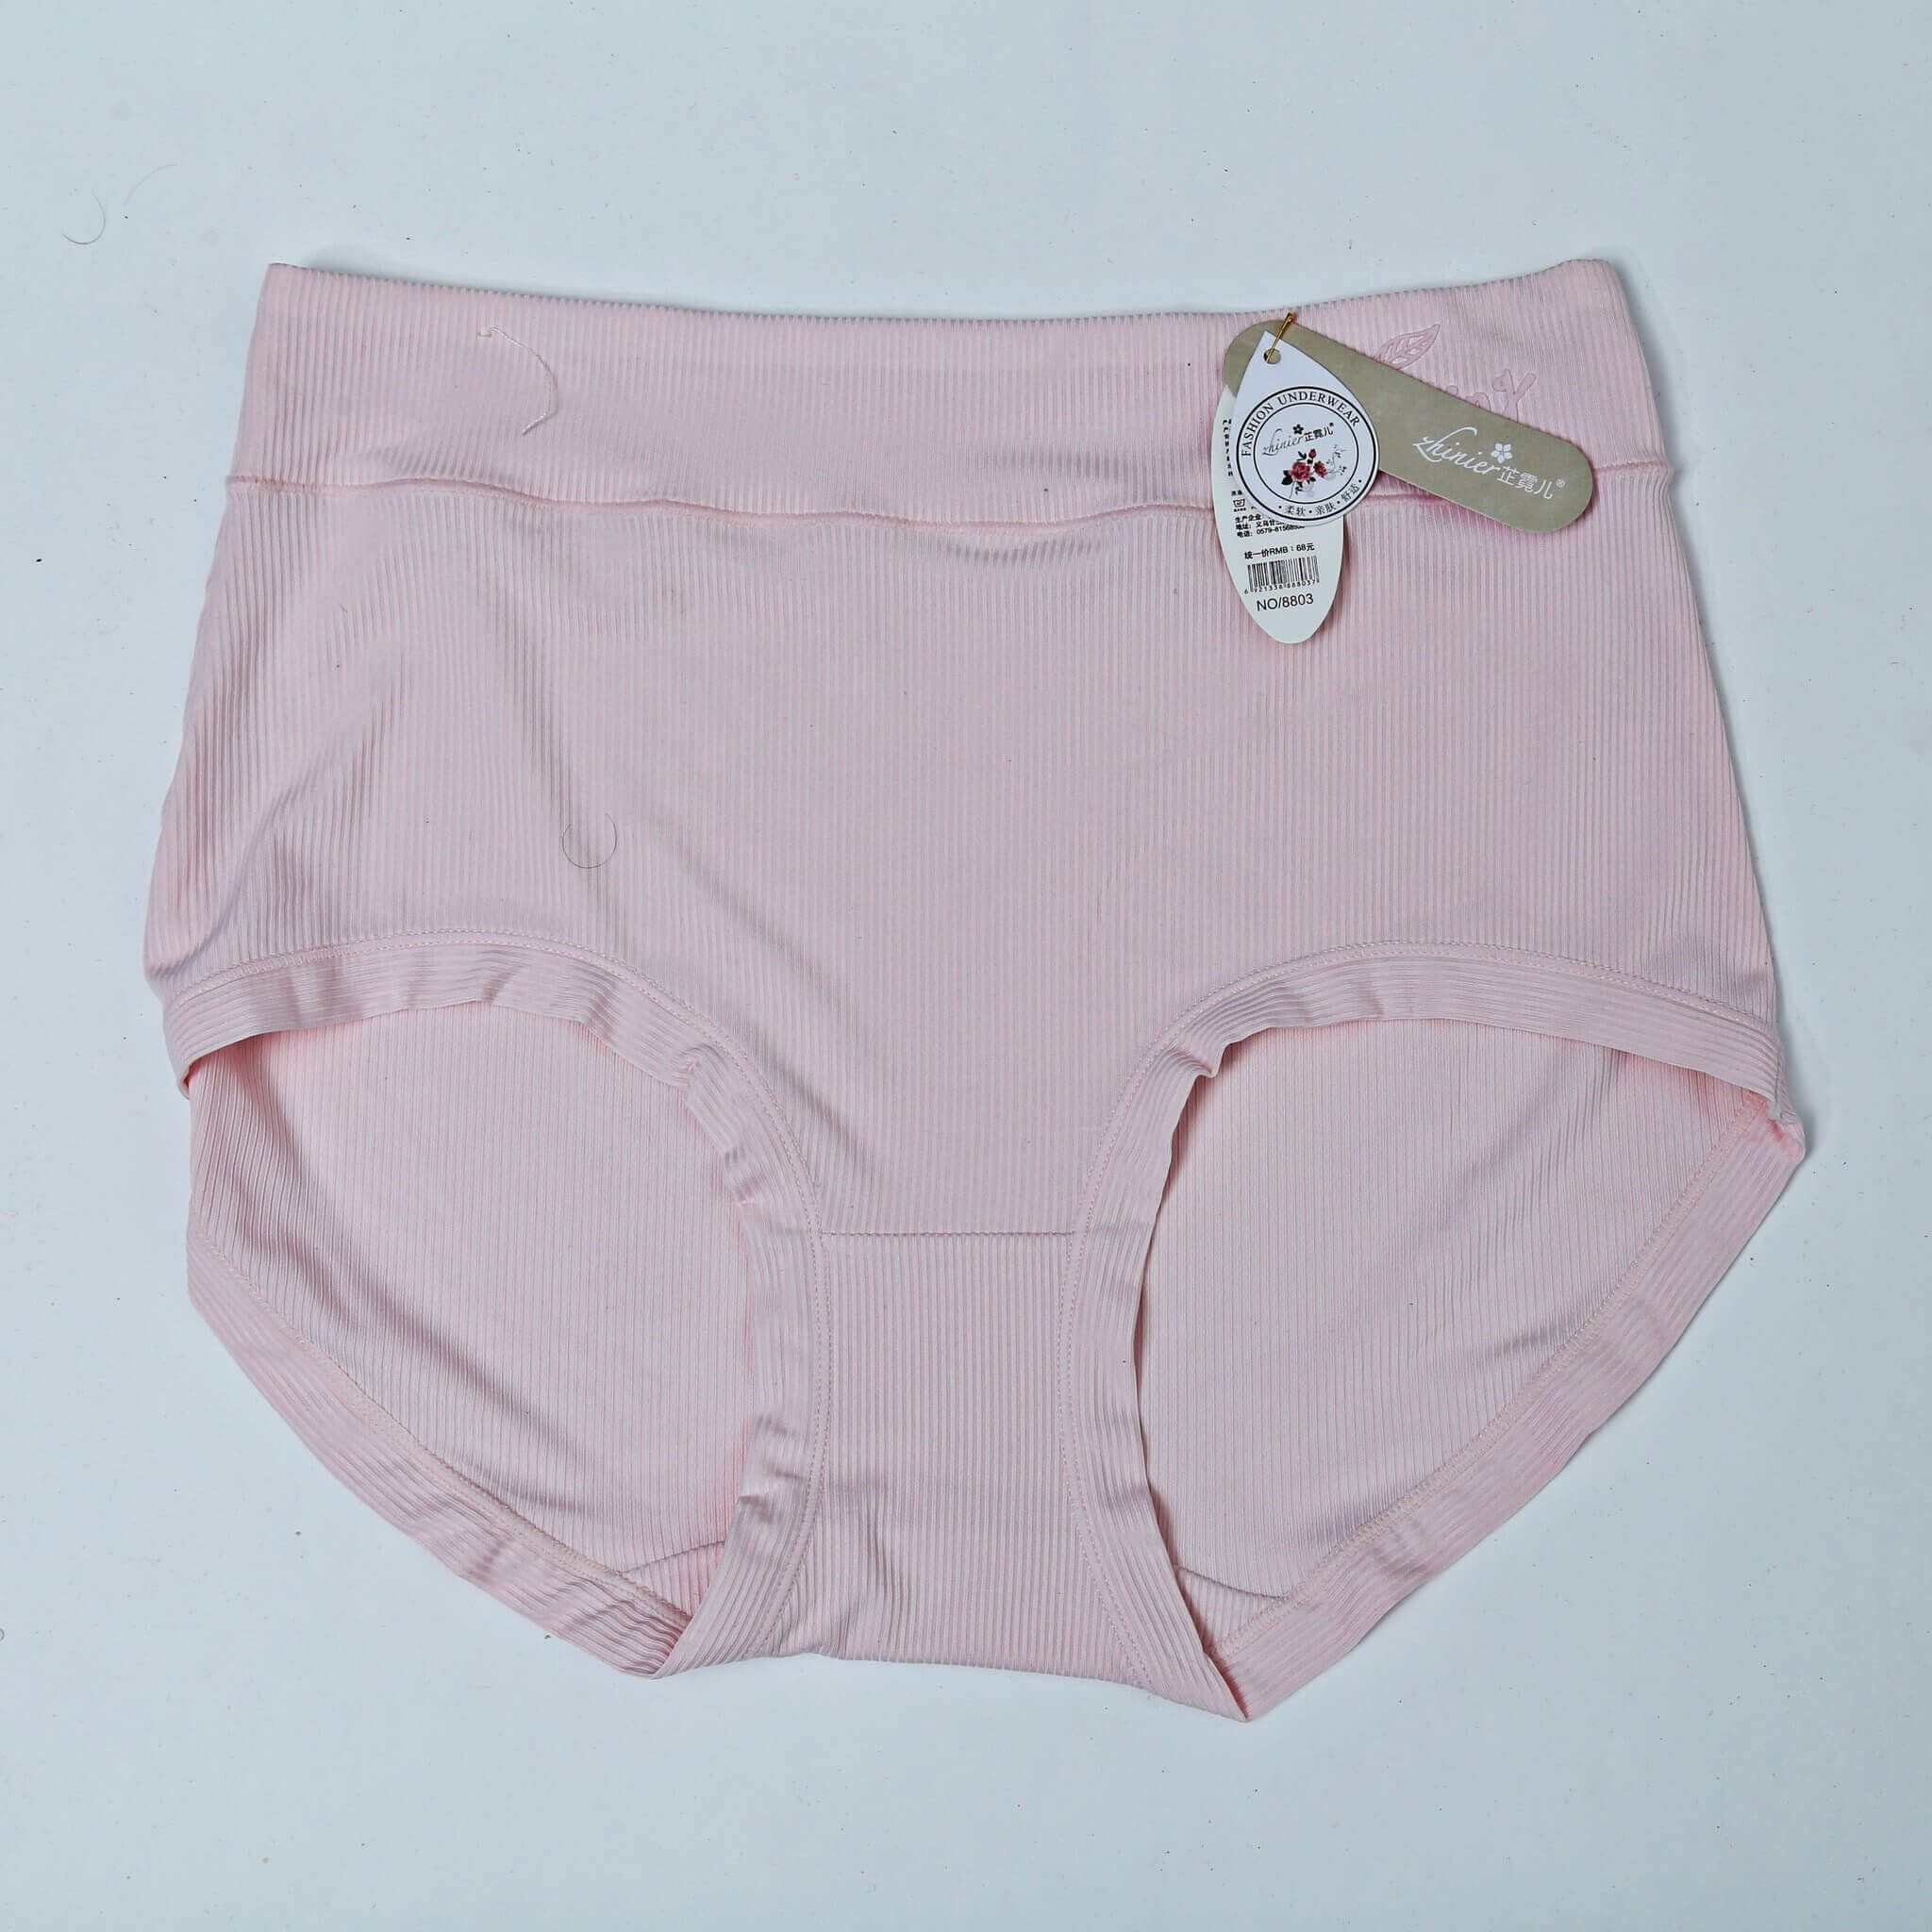 seamless cotton underwear SANWARNA.PK